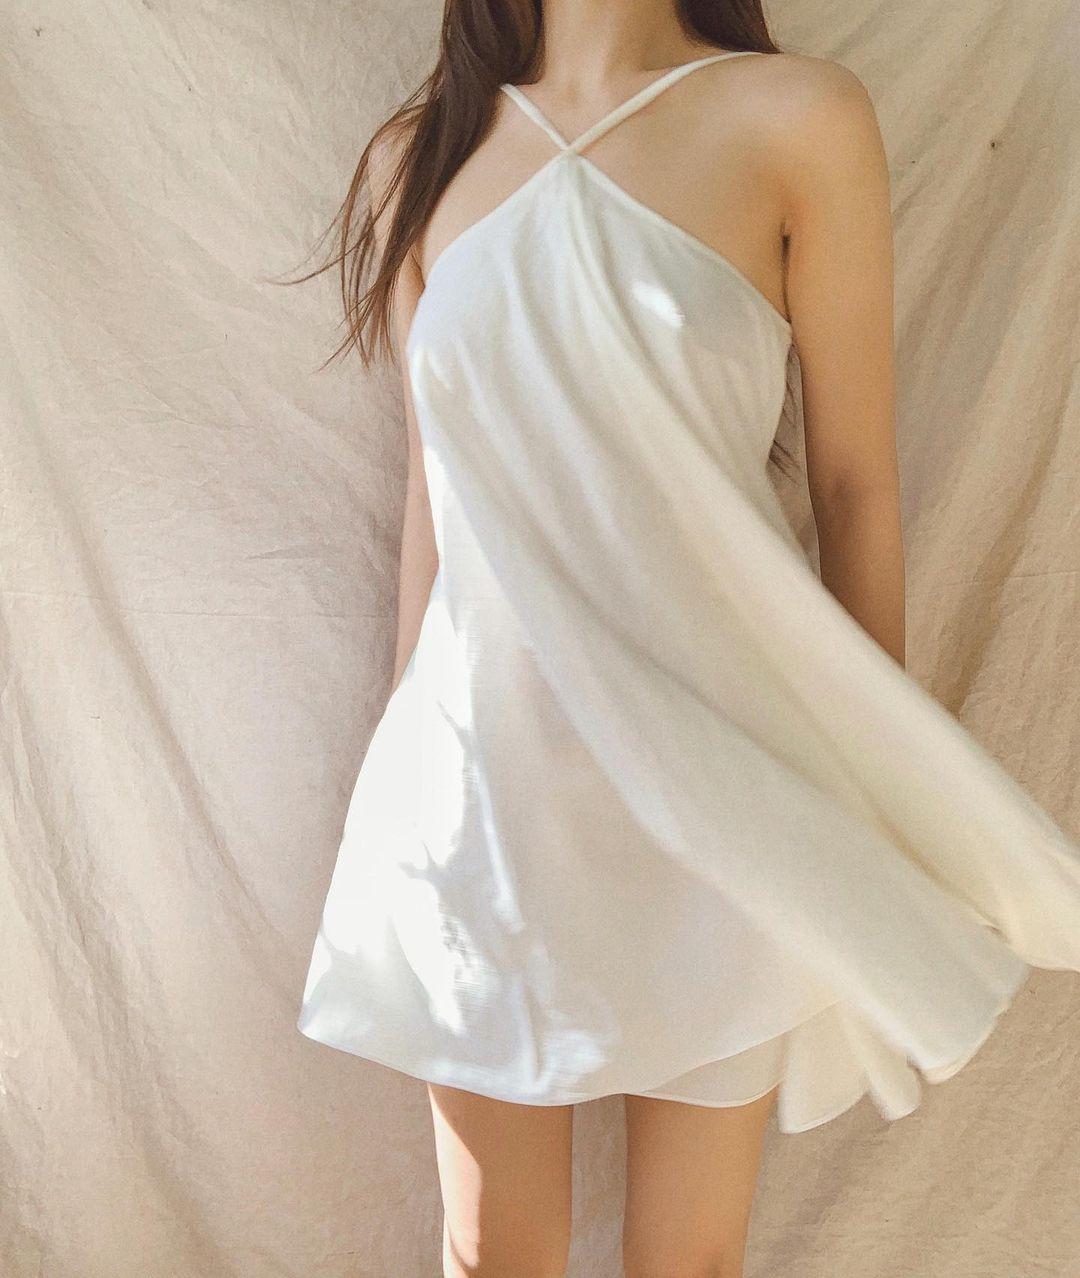 Hà Hồ diện váy Zara 1,3 triệu sang quá nhưng nếu thấy đắt thì bạn có thể tăm tia nhiều kiểu hao hao giá chỉ 1/4 - Ảnh 12.